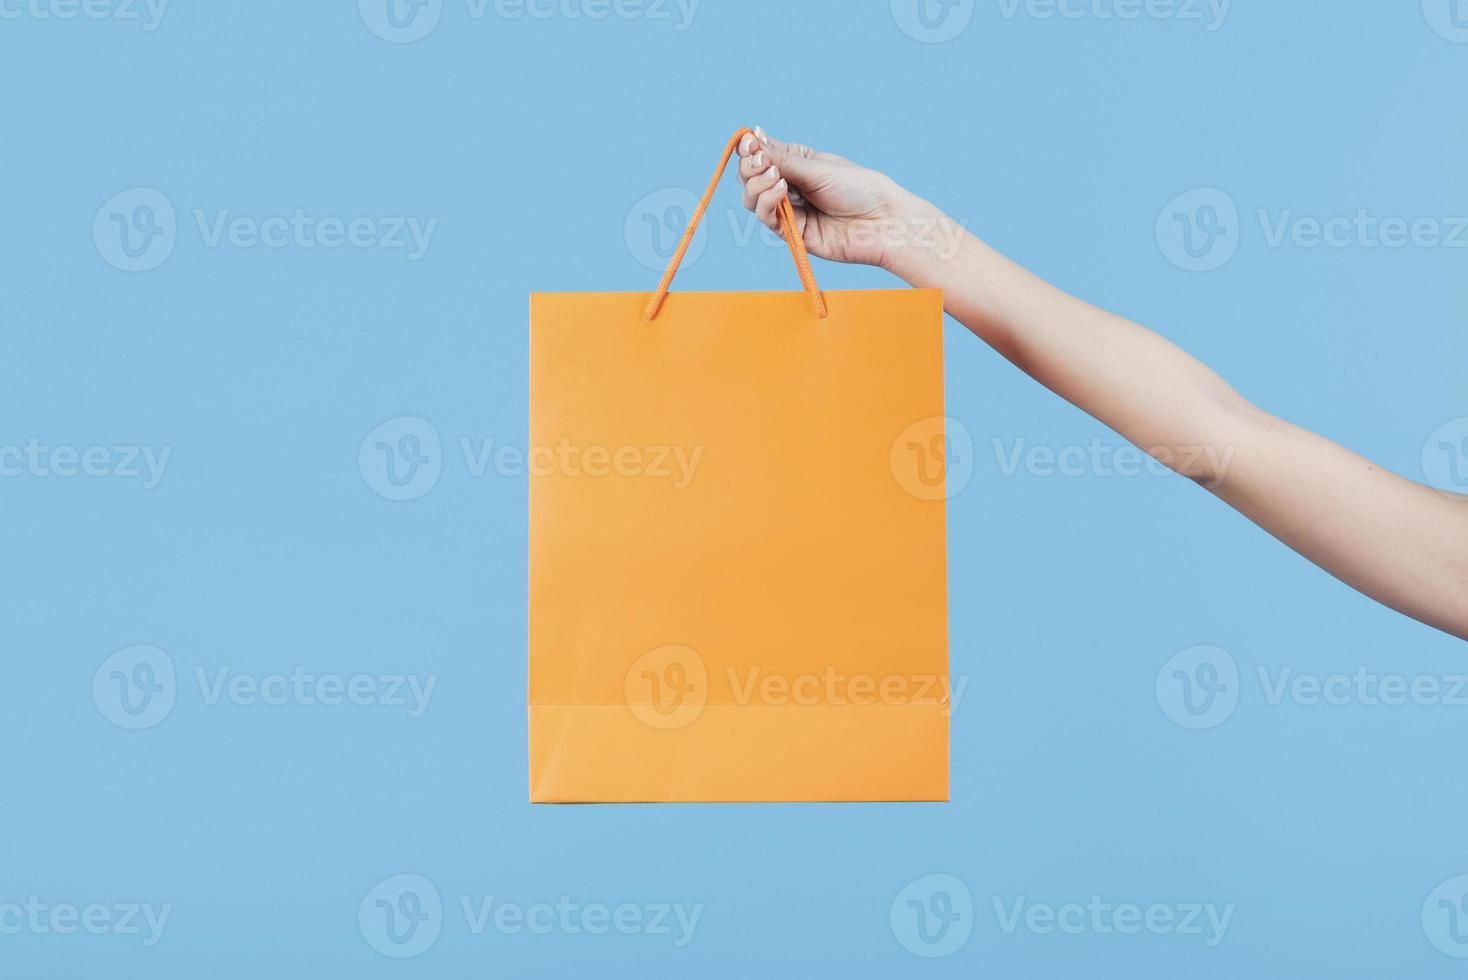 mão segurando uma sacola de compras em um fundo azul claro foto